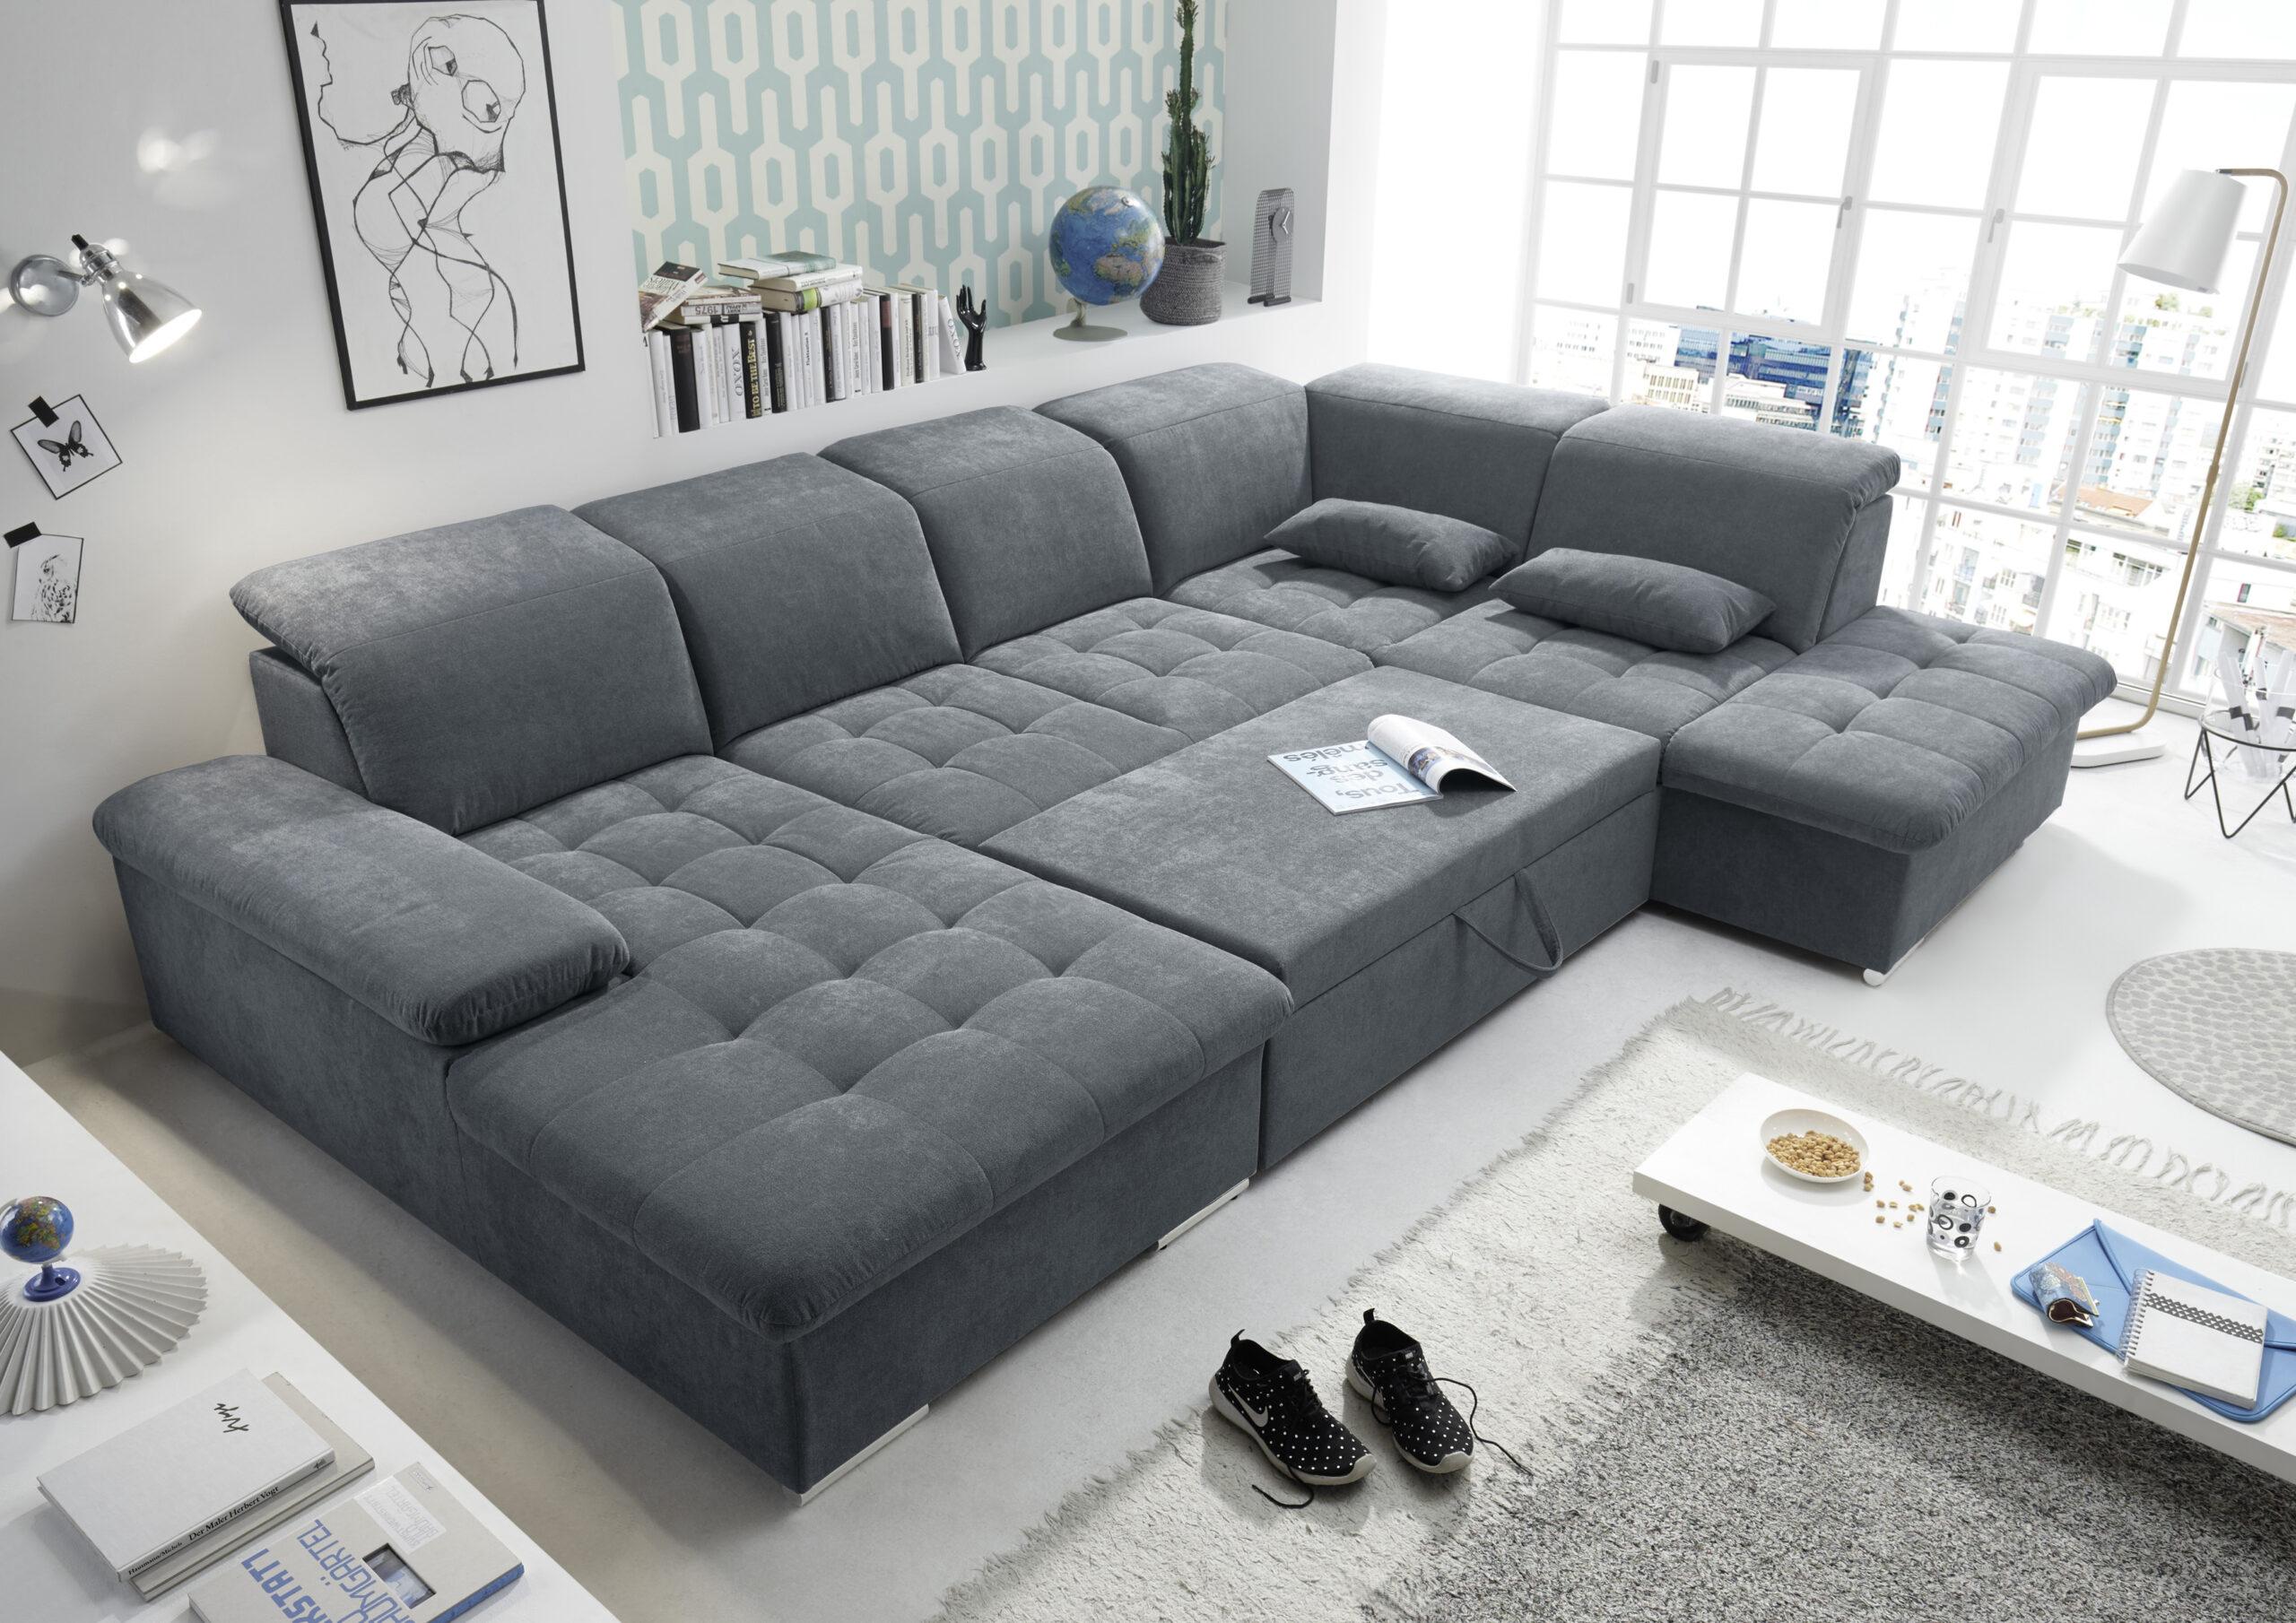 Full Size of Günstige Sofa Couch Wayne R Schlafcouch Wohnlandschaft Schlaffunktion Angebote Günstig Kaufen Indomo Heimkino Lagerverkauf Schlafzimmer Polster Stoff Grau W Sofa Günstige Sofa